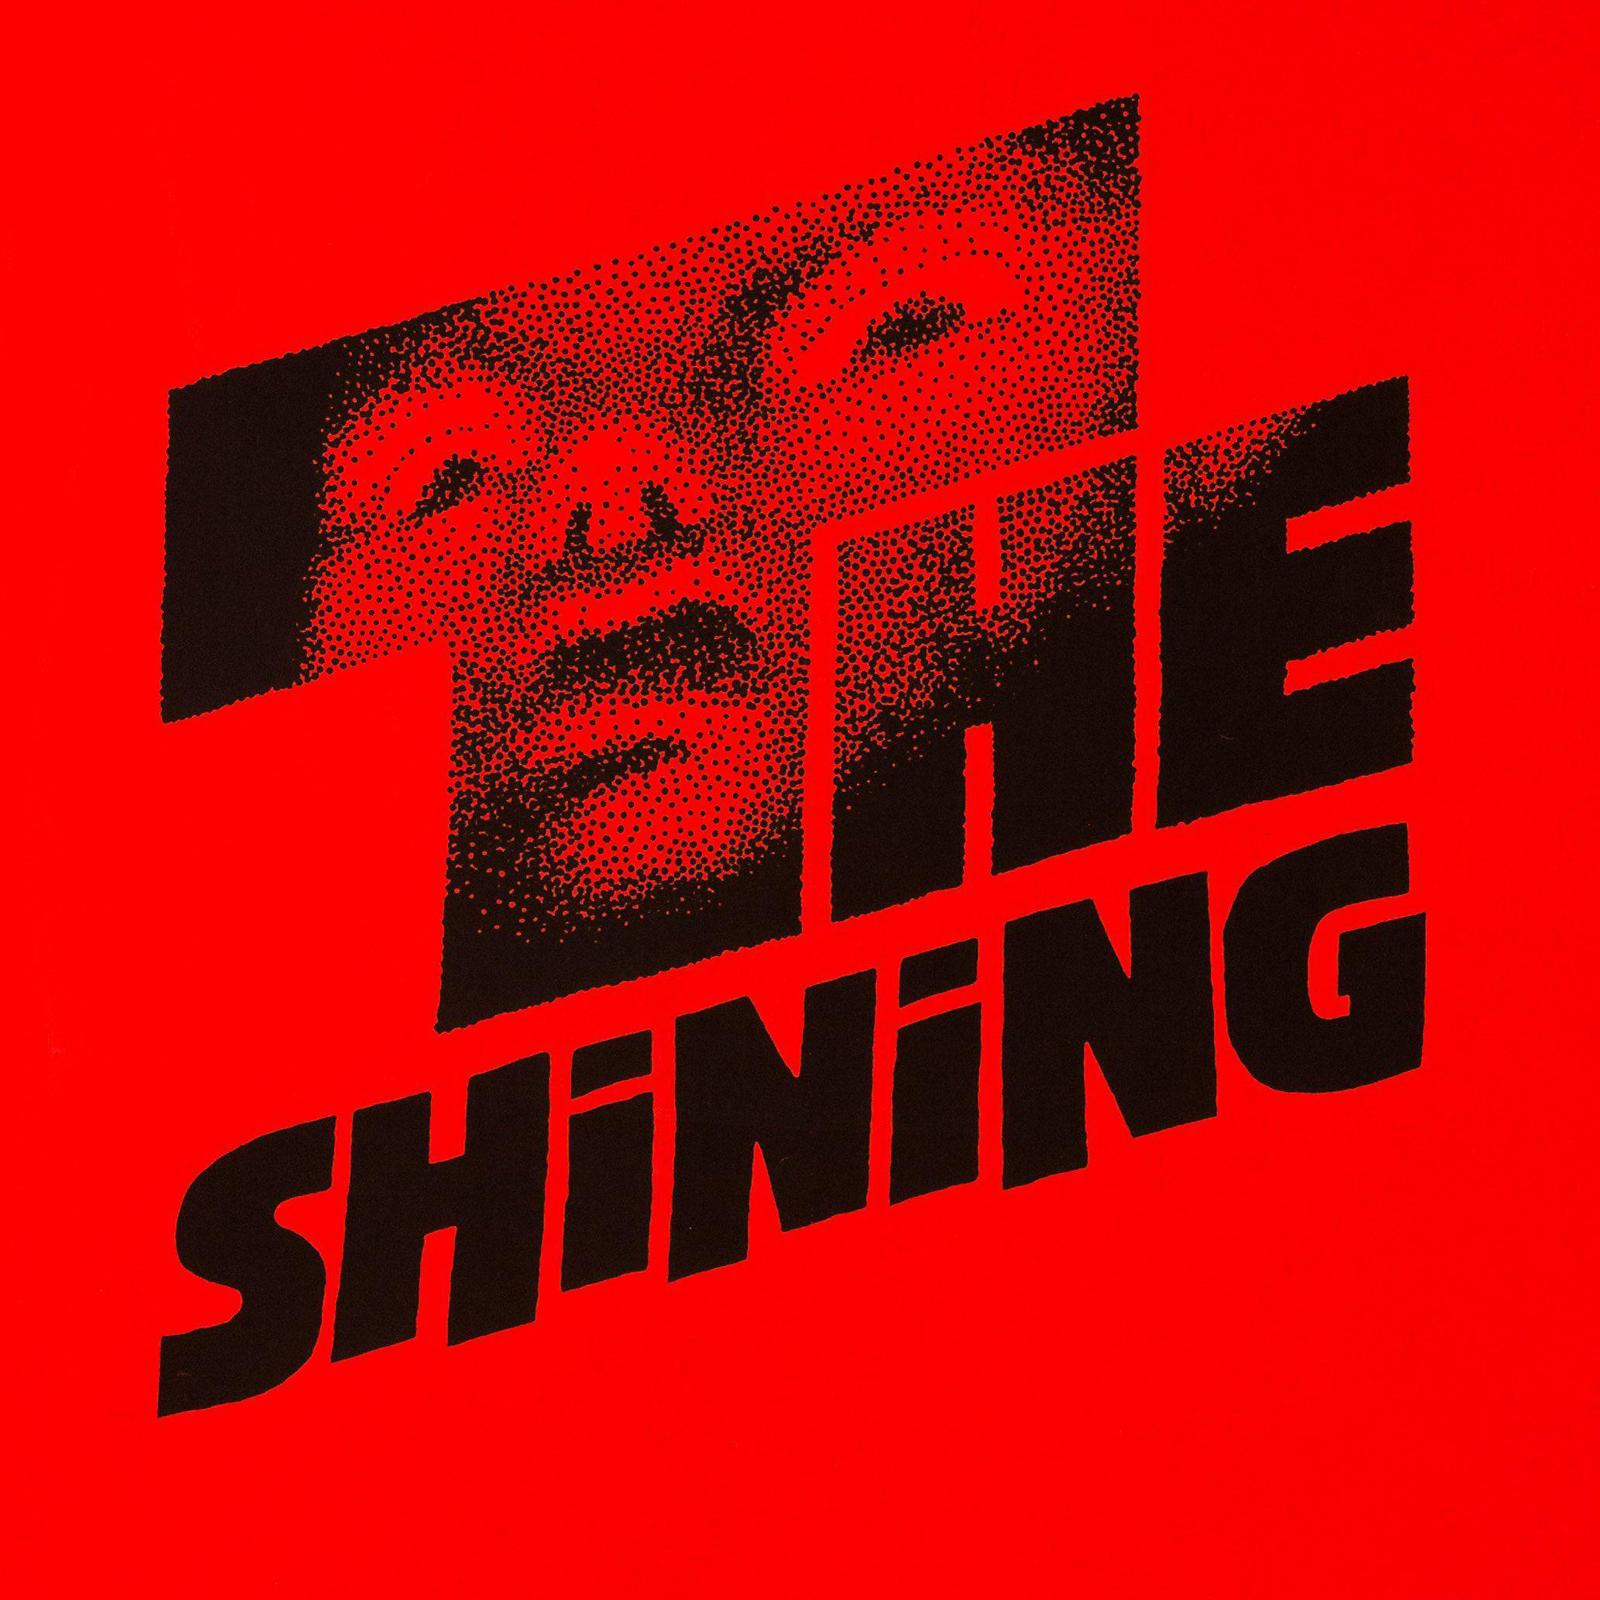 ISTYA The Shining